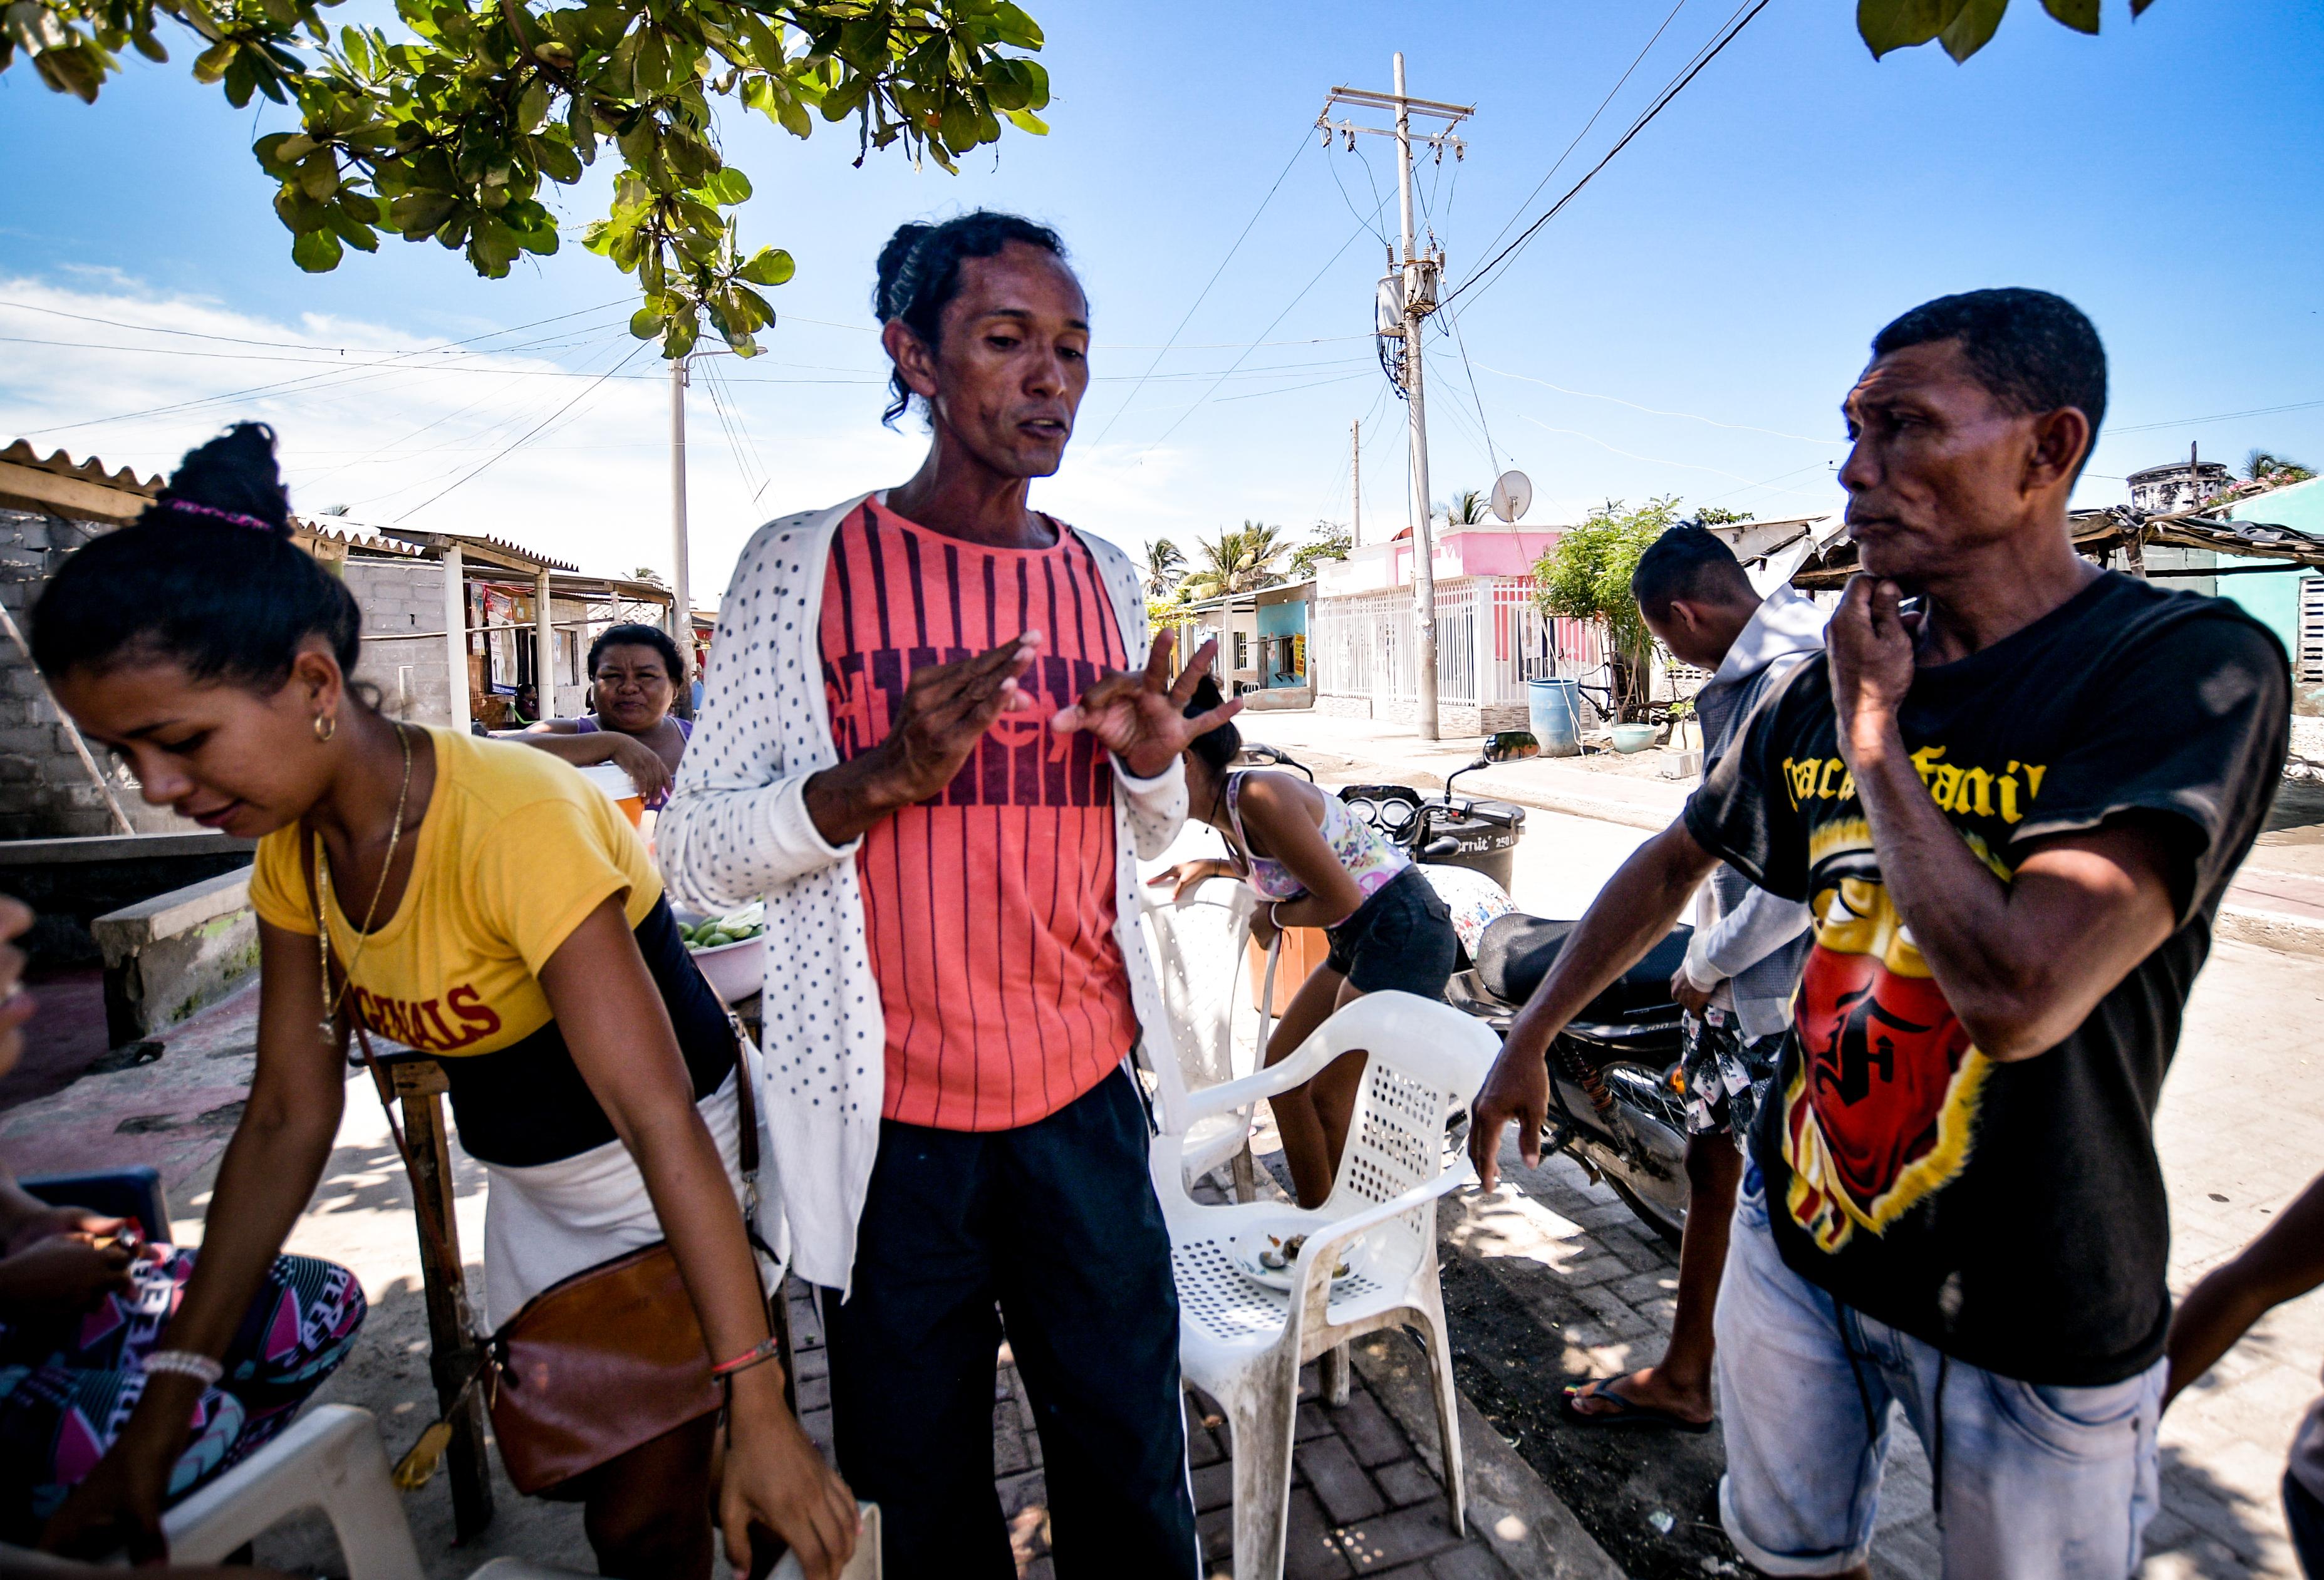 """Orlando Orozco y 'Plinio Juancho' discuten sobre la programación del bombeo por sectores. """"Al barrio La Gloria debía venir hoy y no fue así"""", reclamó Orozco."""